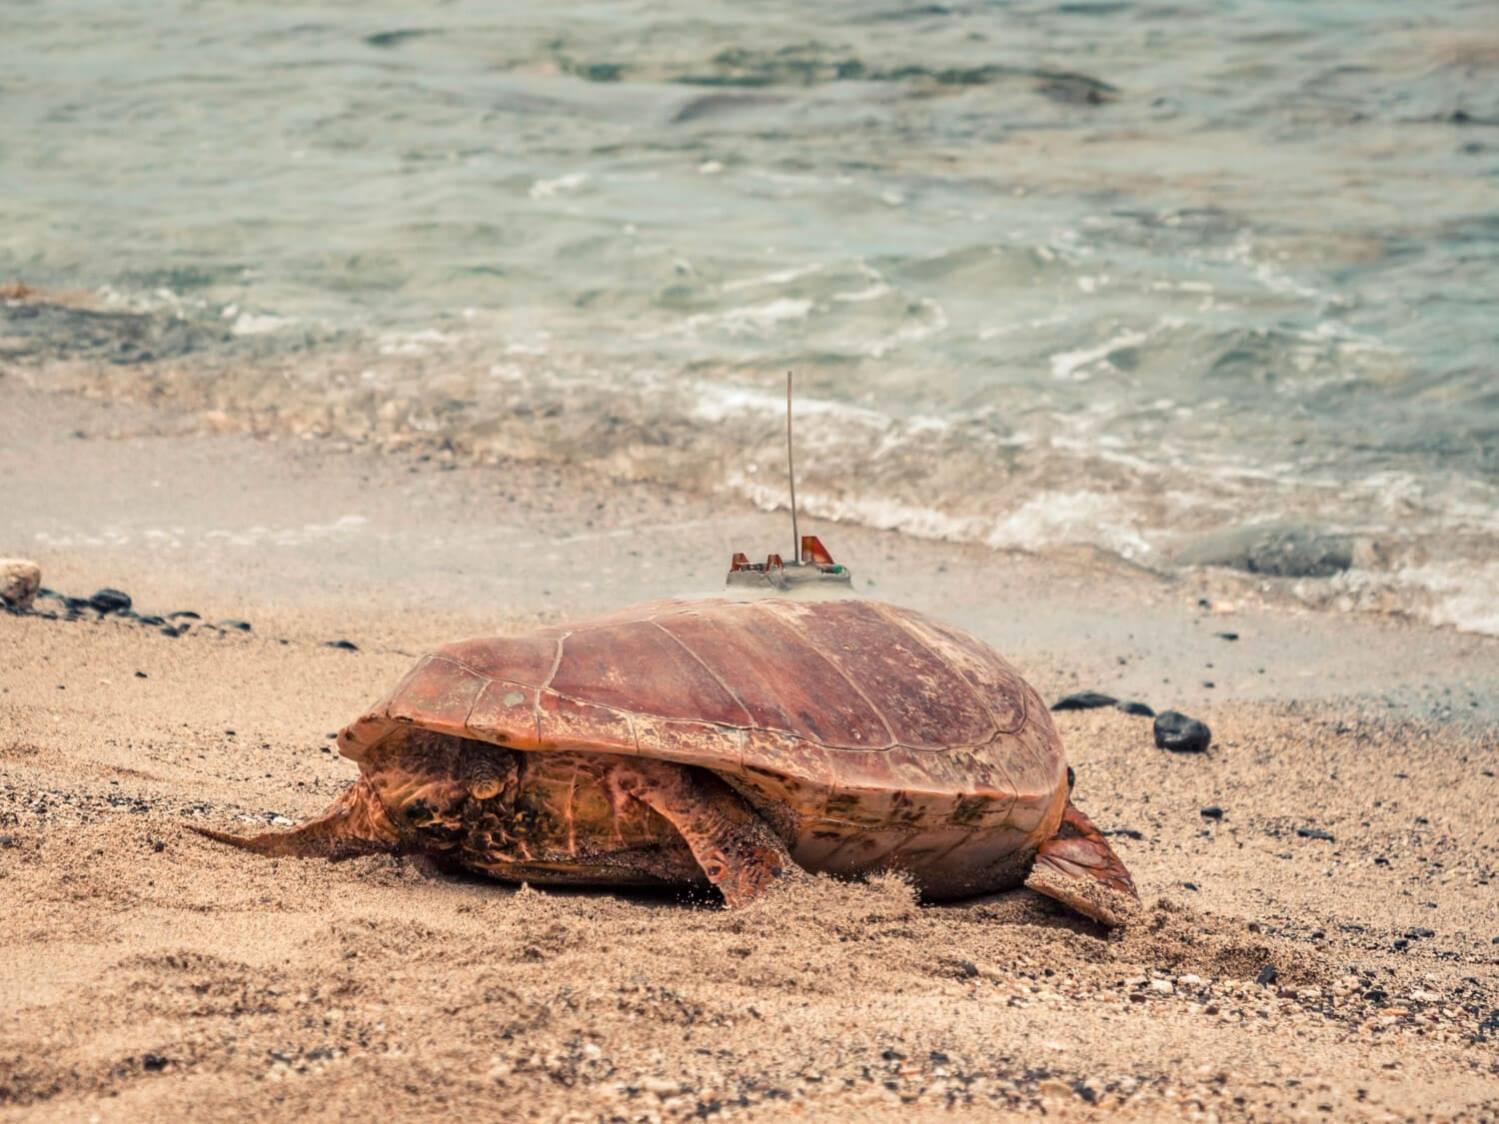 Les coulisses de Kelonia : une journée dans la peau d'un soigneur de tortue